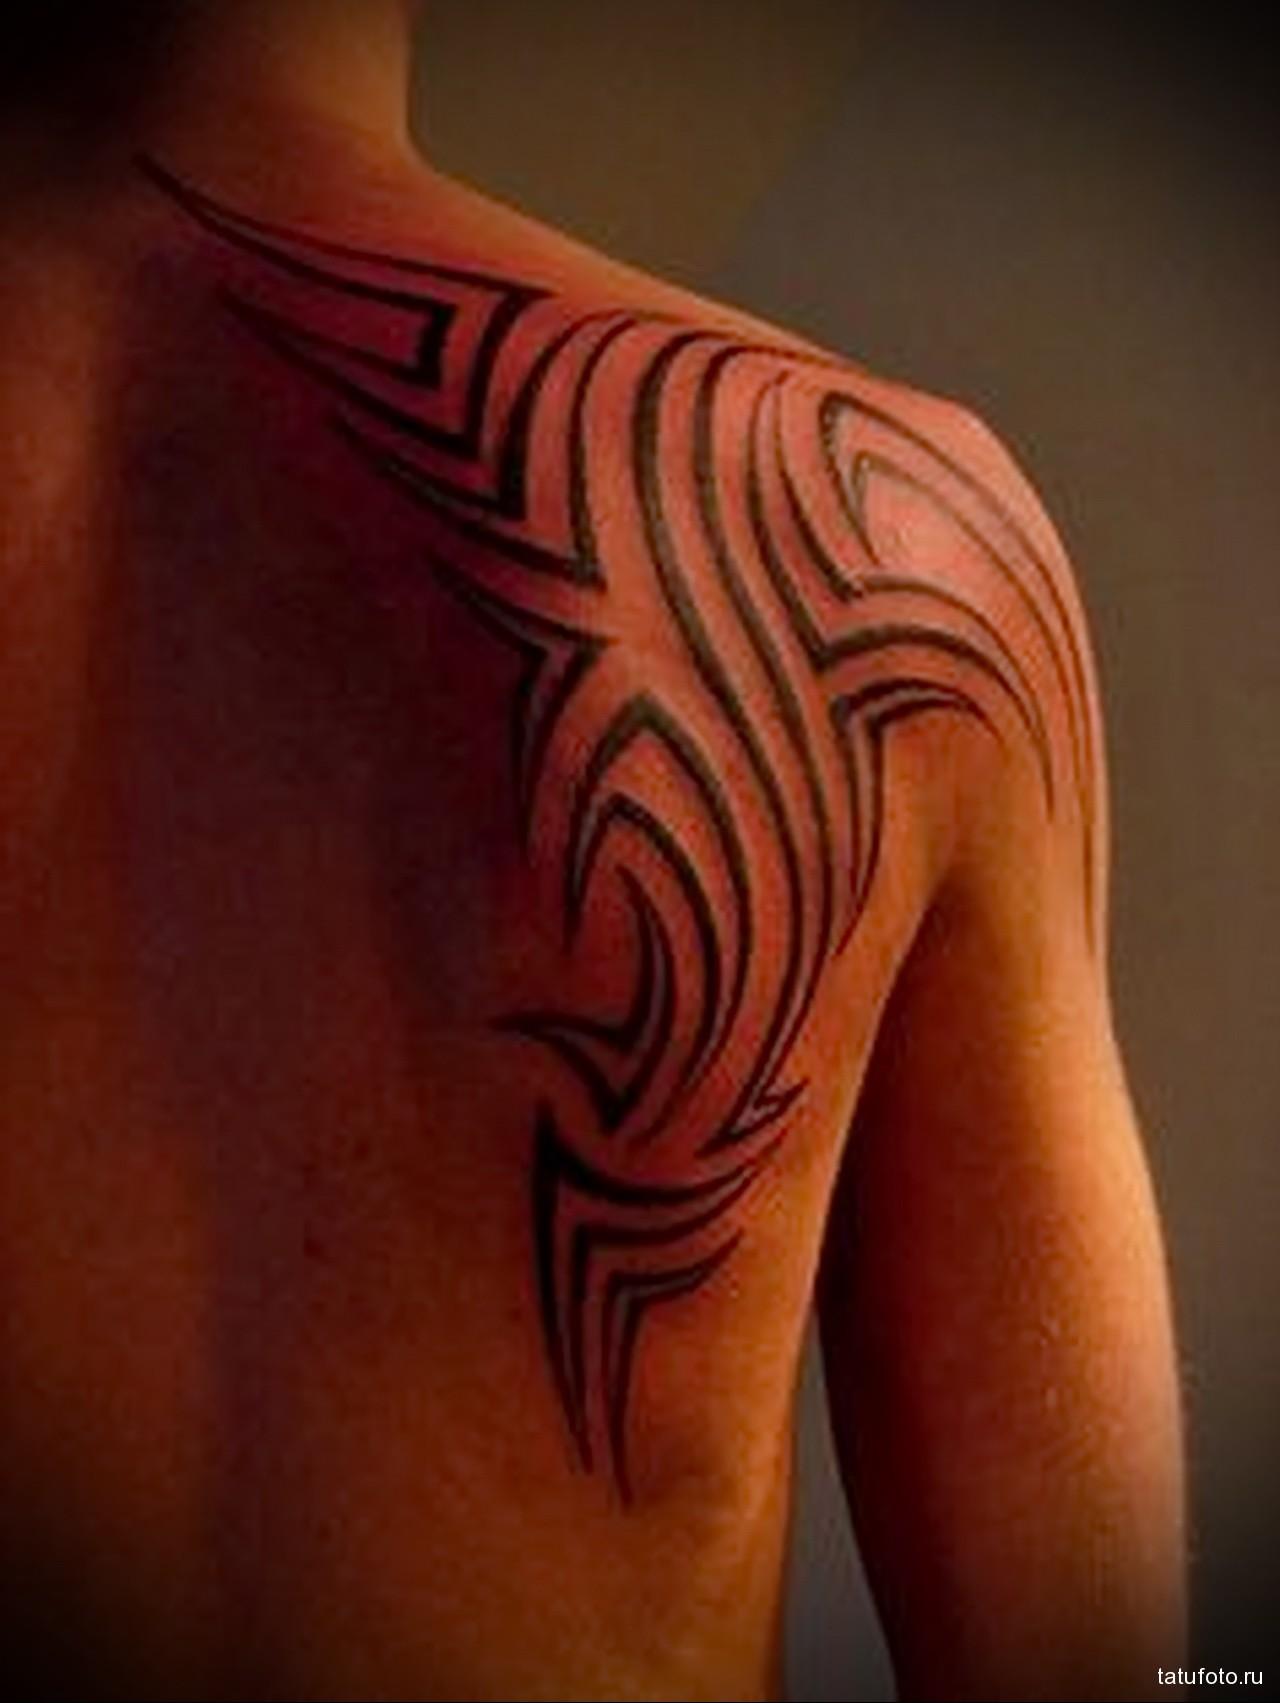 тату линии - мужская татуировка на плече